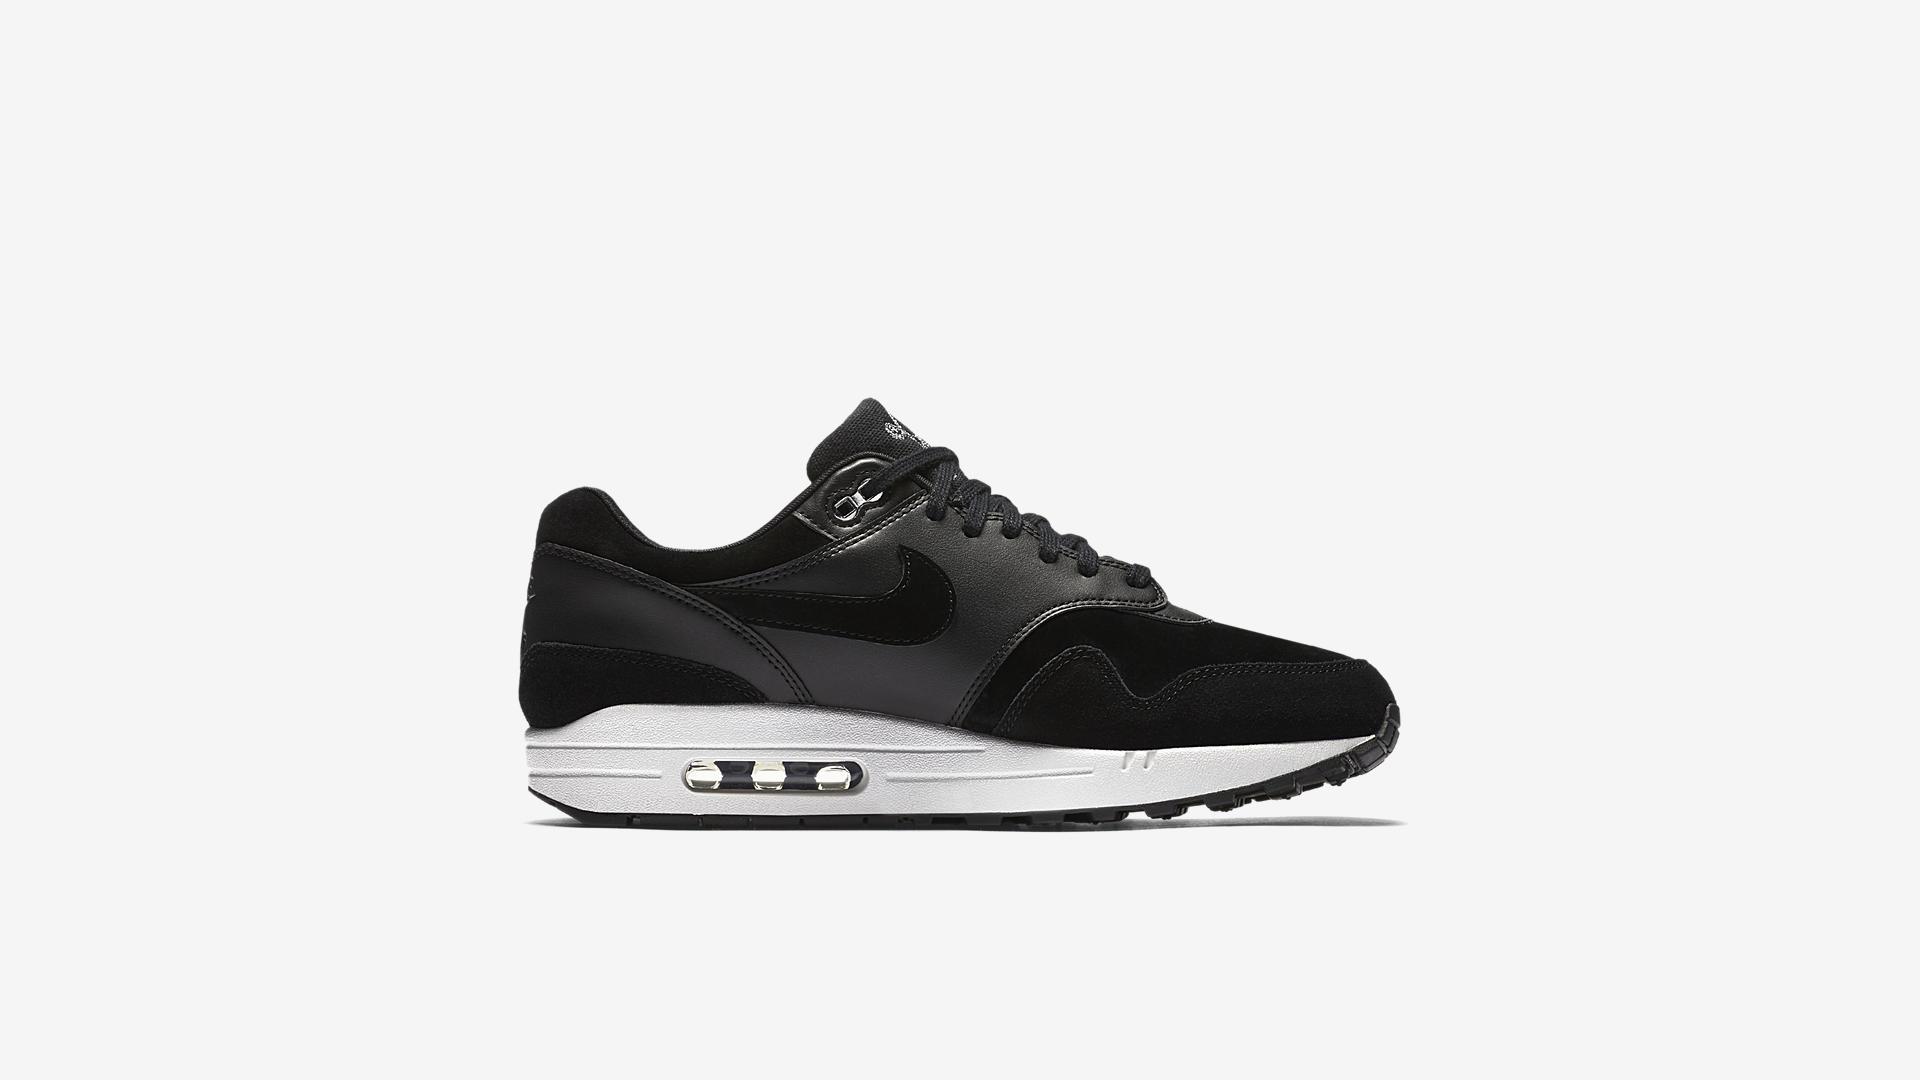 875844 001 Nike Air Max 1 PRM Step Off 4